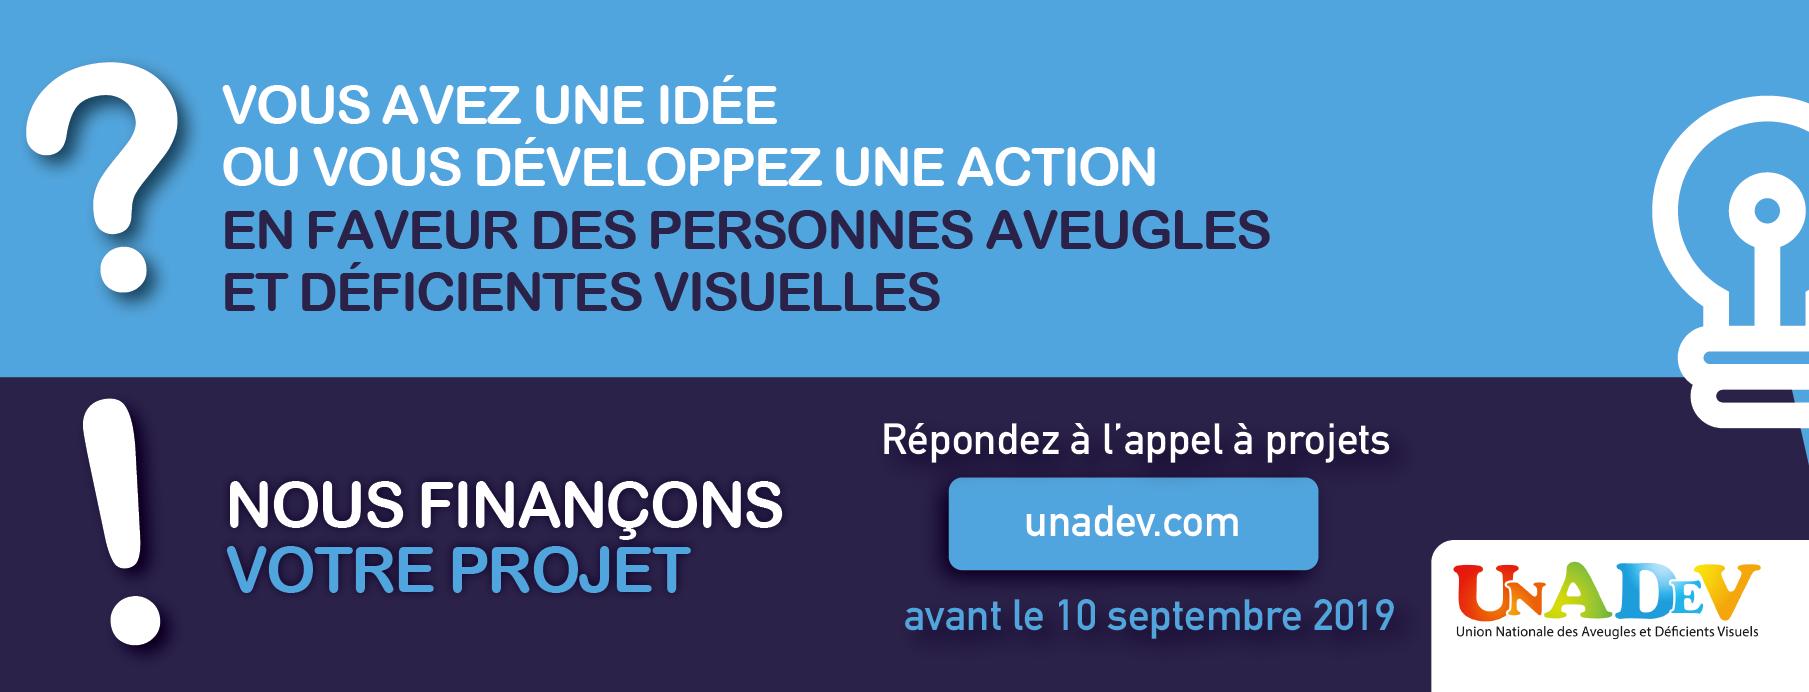 Visuel sur l'appel à projets de l'UNADEV qui incite à donner son idée ou développer une action